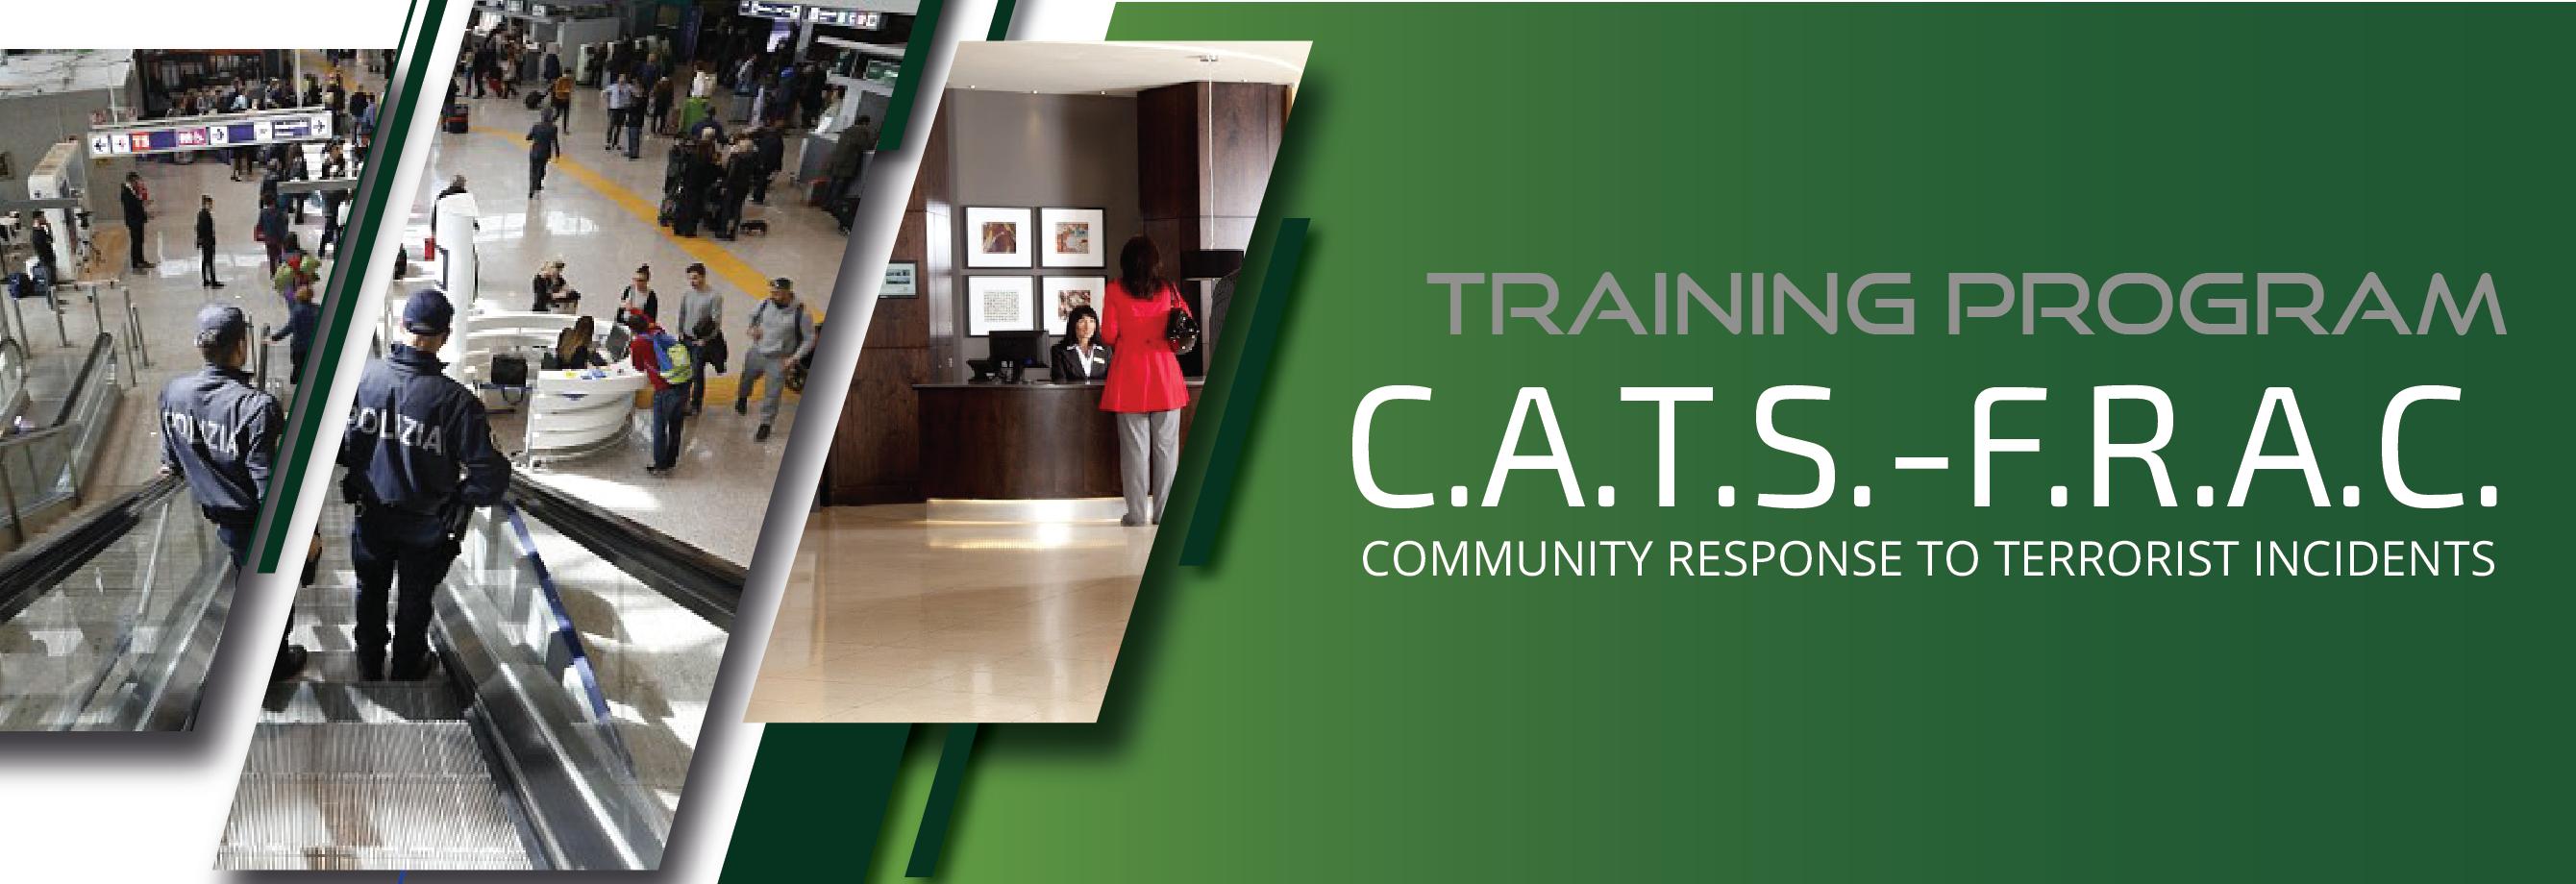 CATS-FRAC-(KUL) 2019-07-22-23